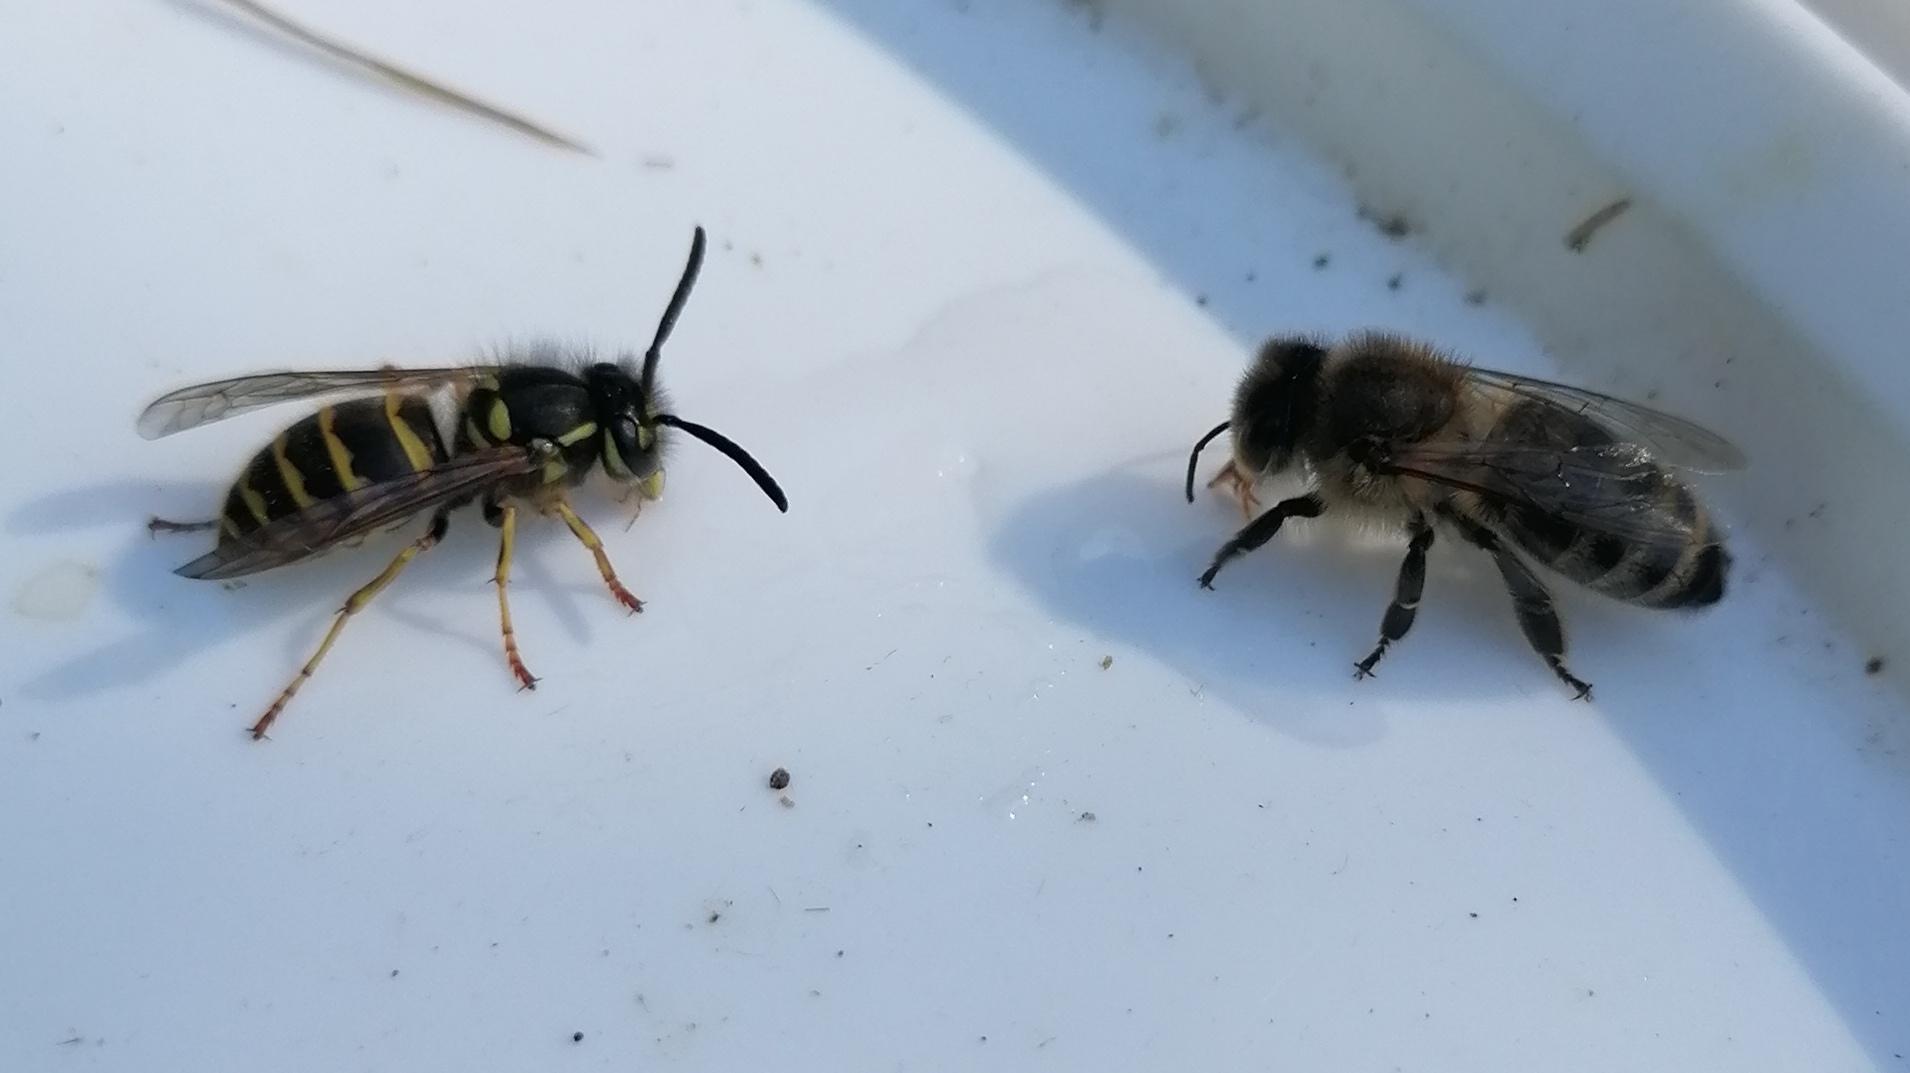 Pourquoi l'abeille est-elle poilue, pas la guêpe ? L'Abeille Noire